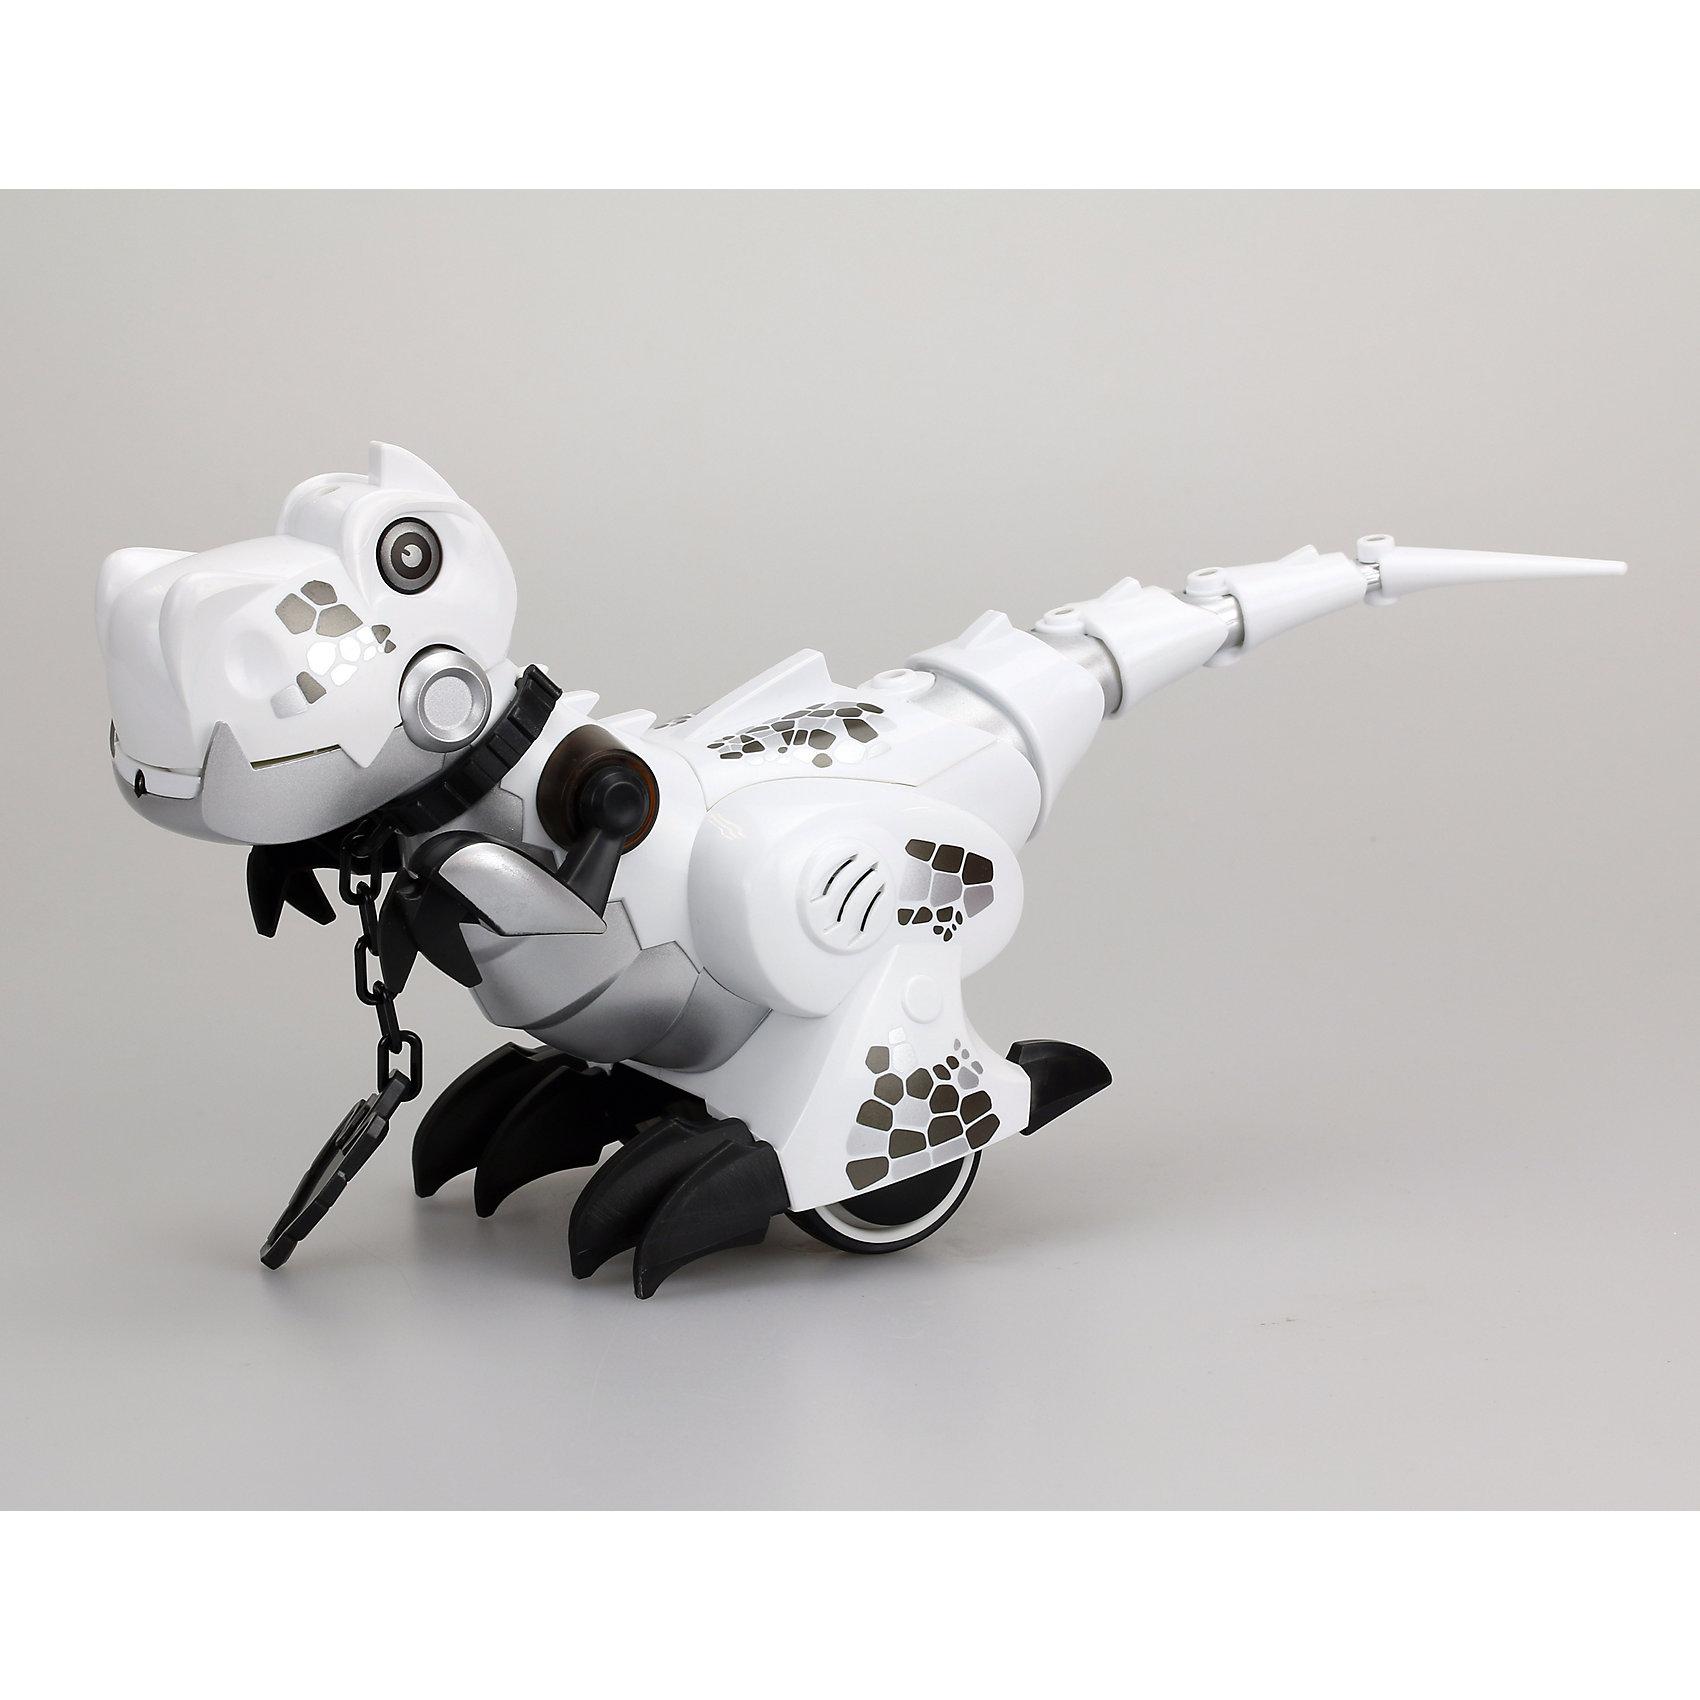 Интерактивная игрушка Silverlit Приручи динозавра (свет, звук), белыйРоботы<br>Характеристики товара:<br><br>• возраст: от 5 лет;<br>• материал: пластик, металл;<br>• в комплекте: динозавр, пульт, ошейник, инструкция;<br>• тип батареек: 6 батареек ААА;<br>• наличие батареек: нет в комплекте;<br>• размер игрушки 26,5х10,5х18,5 см;<br>• размер упаковки: 34,2х21,5х15,2 см;<br>• вес упаковки: 760 гр.;<br>• страна производитель: Китай.<br><br>Игрушка «Приручи динозавра» Silverlit белая — интерактивный робот, выполненный в виде динозавра, который умеет двигаться и выполнять команды. Динозавр работает в 2 режимах «Дикий» и «Домашний». <br><br>В режиме «Дикий» он ведет себя, как настоящий динозавр, двигается и издает звуки, похожие на рычание. В режиме «Домашний» роботом можно управлять и давать ему команды, надев на него специальный ошейник. В этом режиме динозавр будет двигаться вперед, назад, направо и налево.<br><br>Управляется игрушка пультом управления. Робот оснащен световыми и звуковыми эффектами. В зависимости от режима его глаза горят различными цветами. Во время движения срабатывают сенсорные датчики, что позволяет динозавру огибать препятствия. <br><br>Игрушку «Приручи динозавра» Silverlit белую можно приобрести в нашем интернет-магазине.<br><br>Ширина мм: 215<br>Глубина мм: 152<br>Высота мм: 342<br>Вес г: 760<br>Возраст от месяцев: 60<br>Возраст до месяцев: 2147483647<br>Пол: Унисекс<br>Возраст: Детский<br>SKU: 5631990